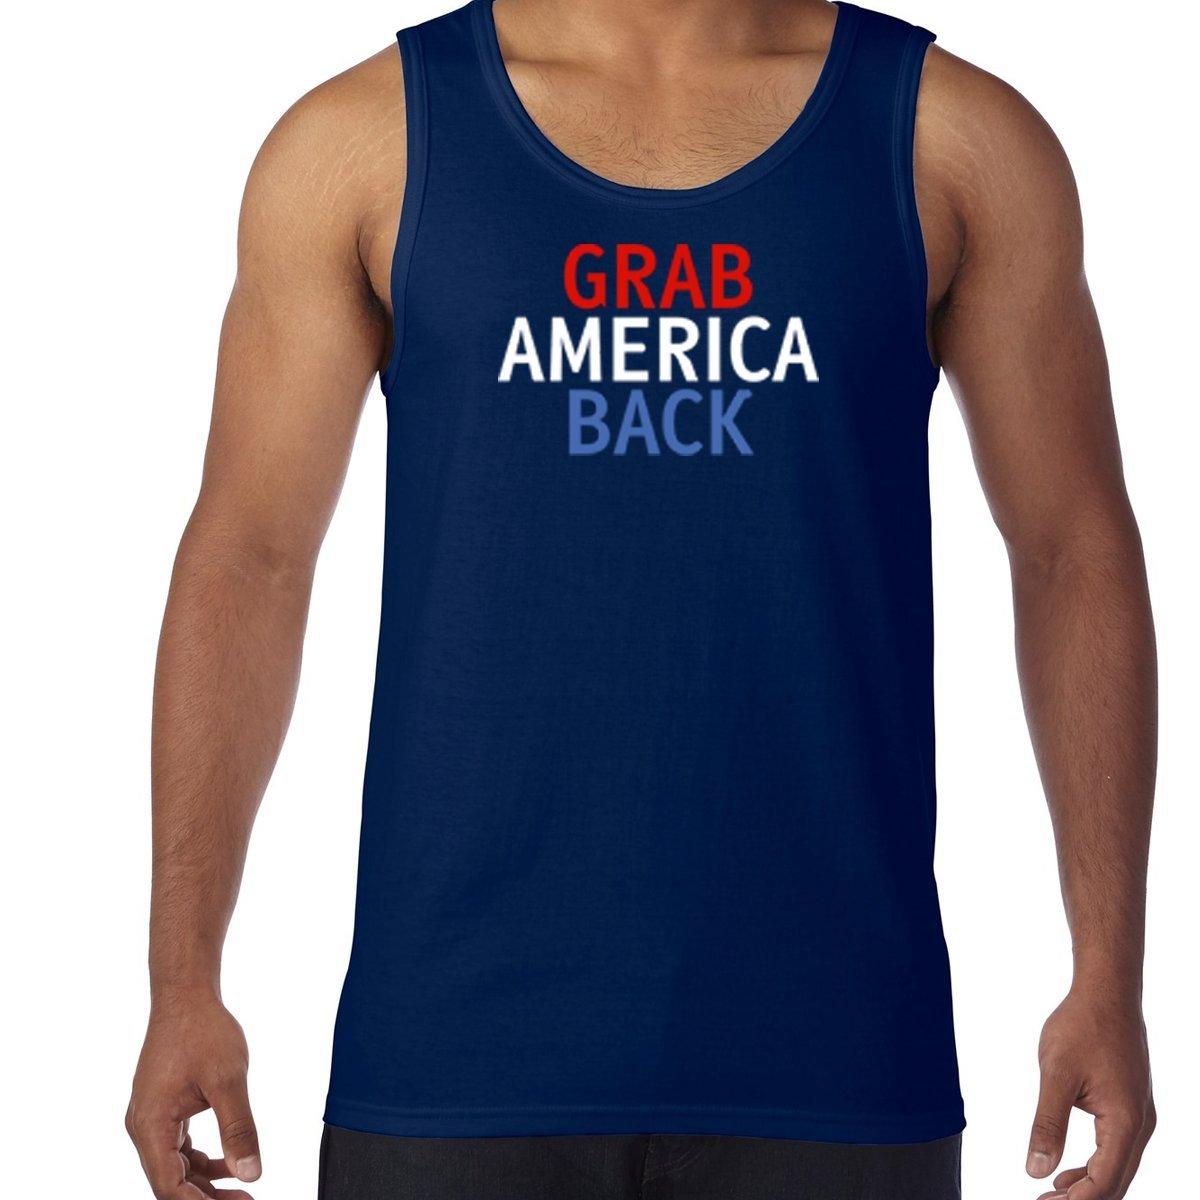 Amazon.com: AW Fashions Grab America Back - Trump Shirt Mens Tank Top: Clothing